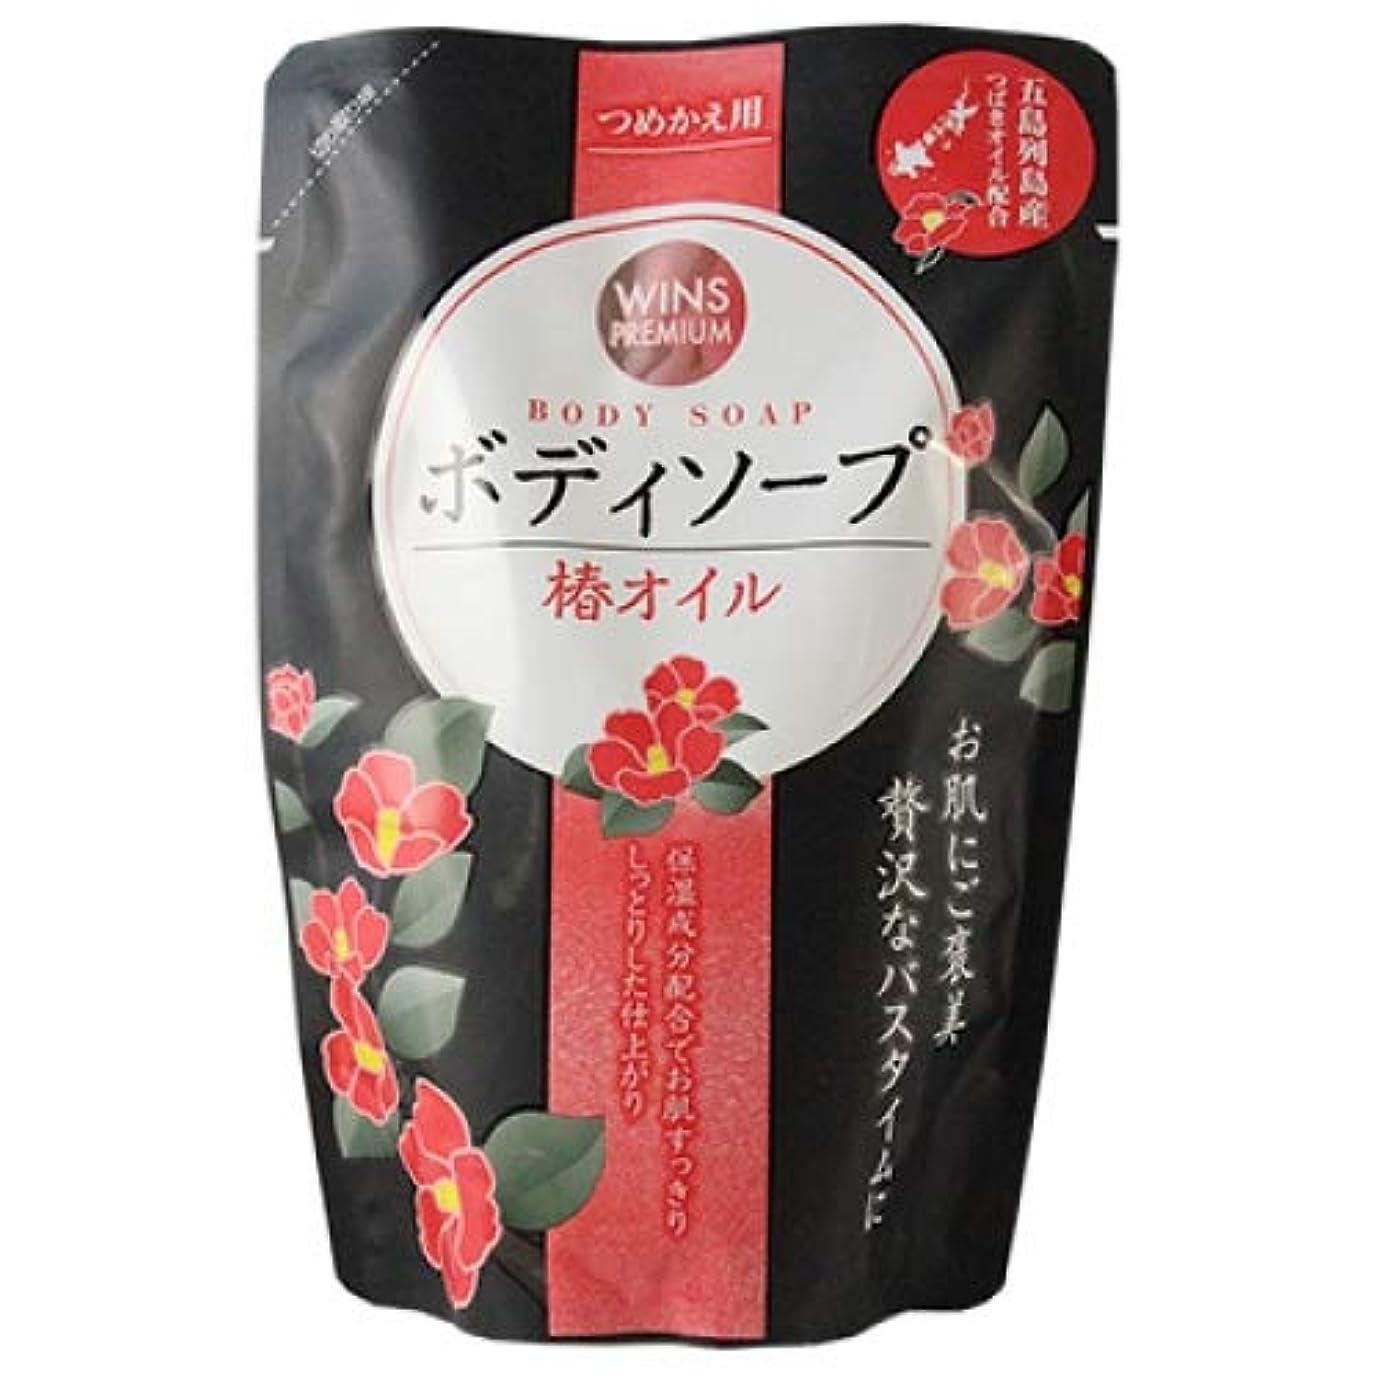 検査官人質ゴミ箱日本合成洗剤 ウインズ 椿オイル ボディソープ つめかえ用 400mL 4904112827240